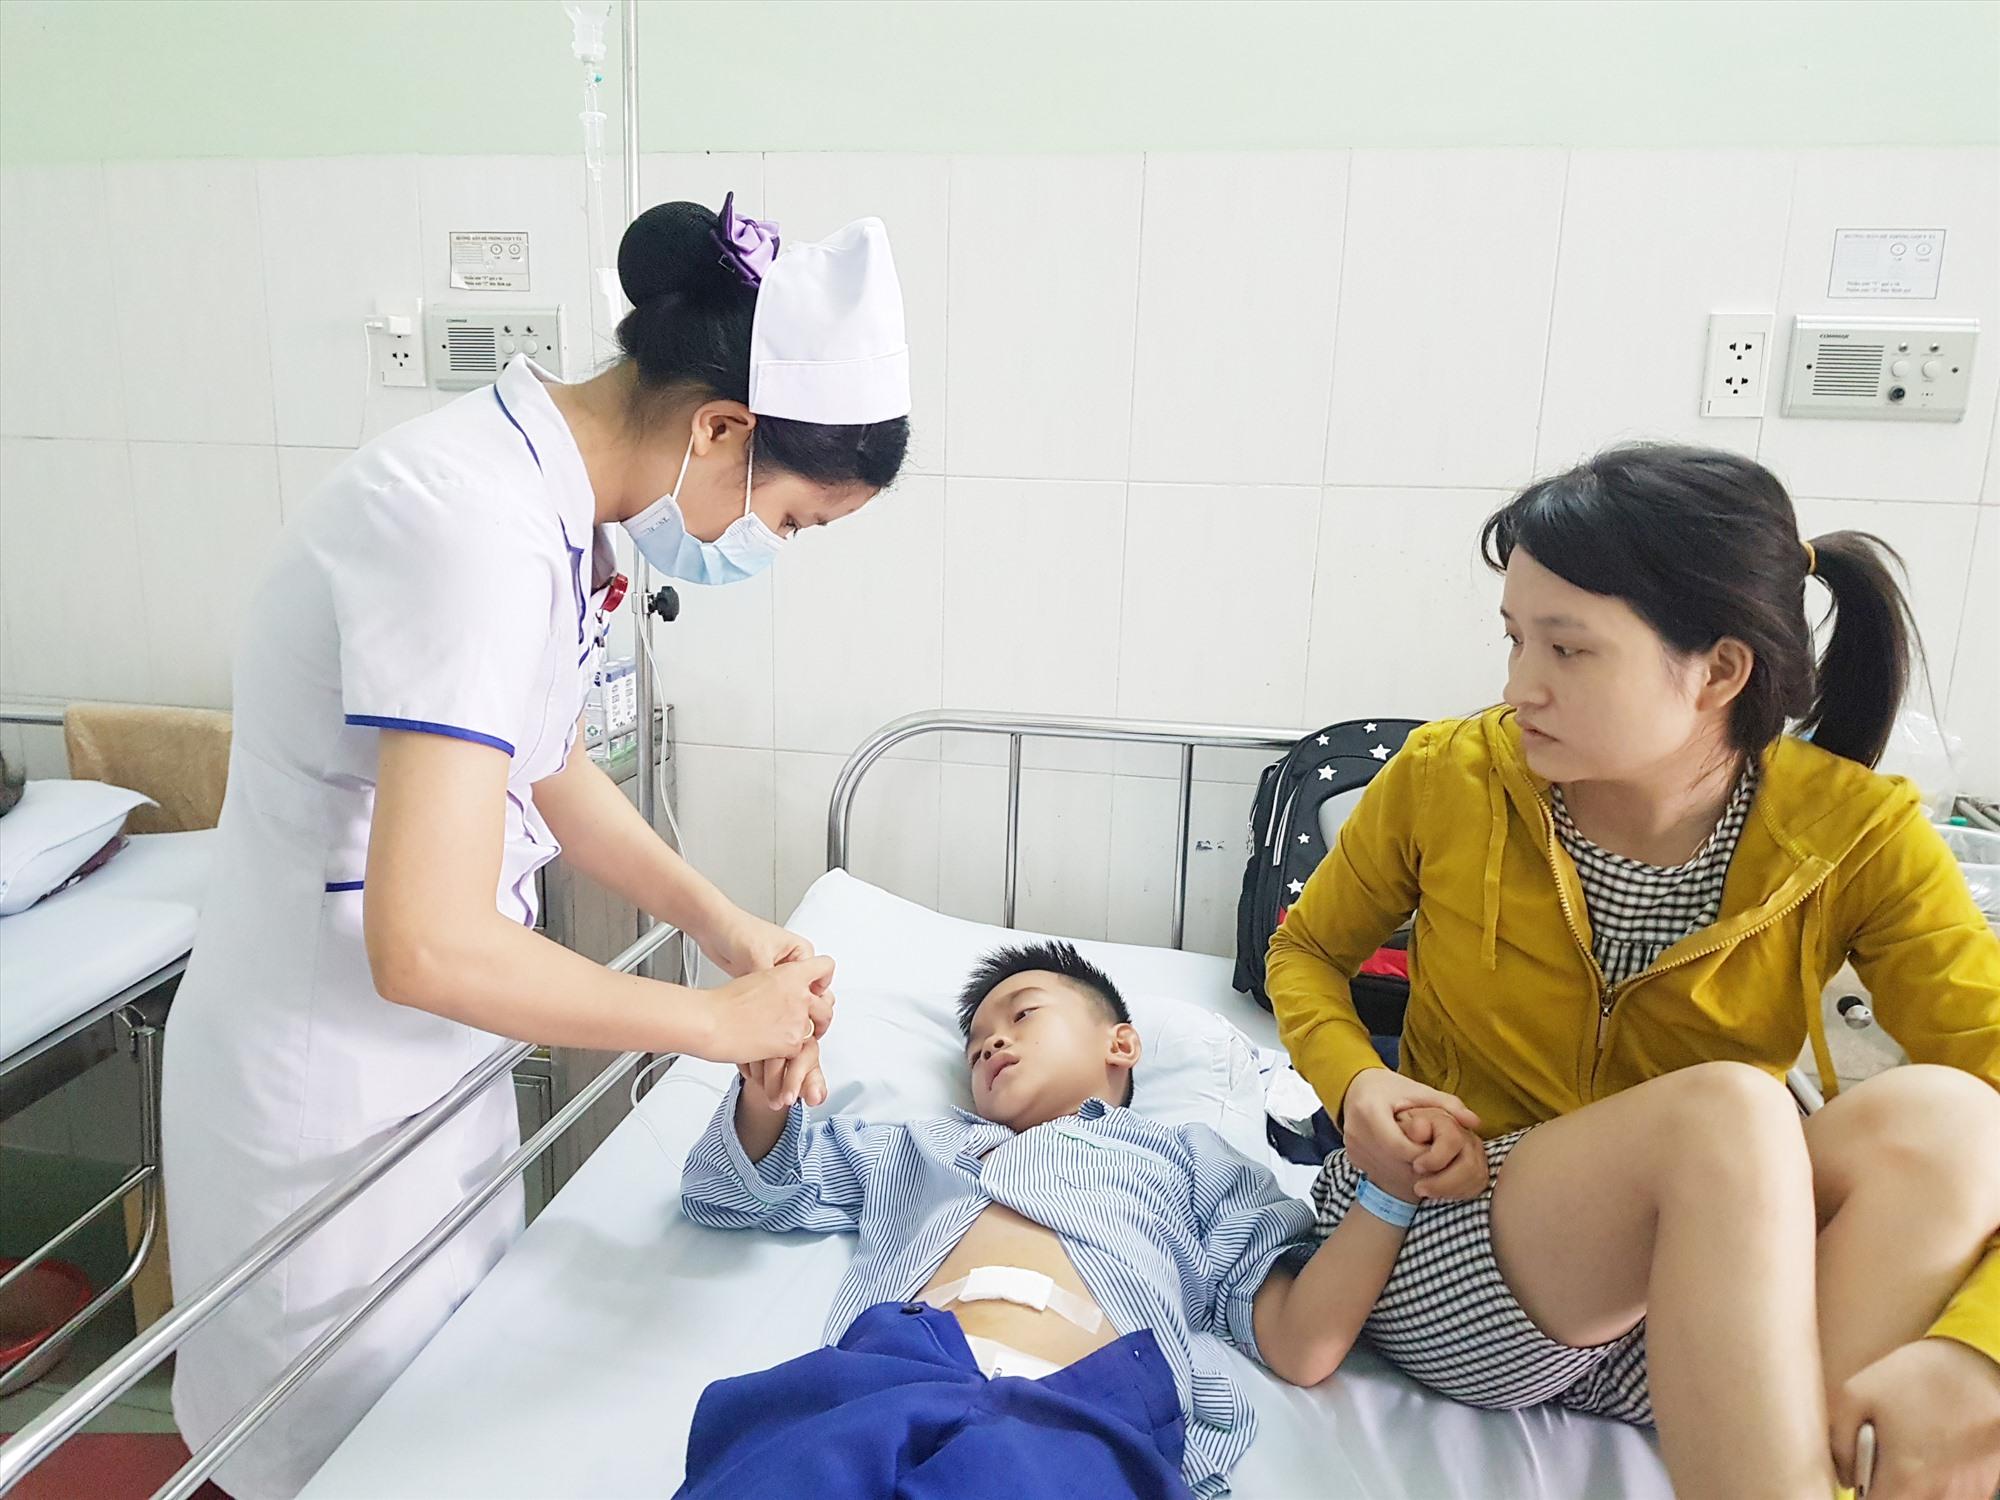 Nhân lực cho các chuyên khoa sâu đang là vấn đề khó khăn với ngành y tế Quảng Nam. Ảnh: L.D